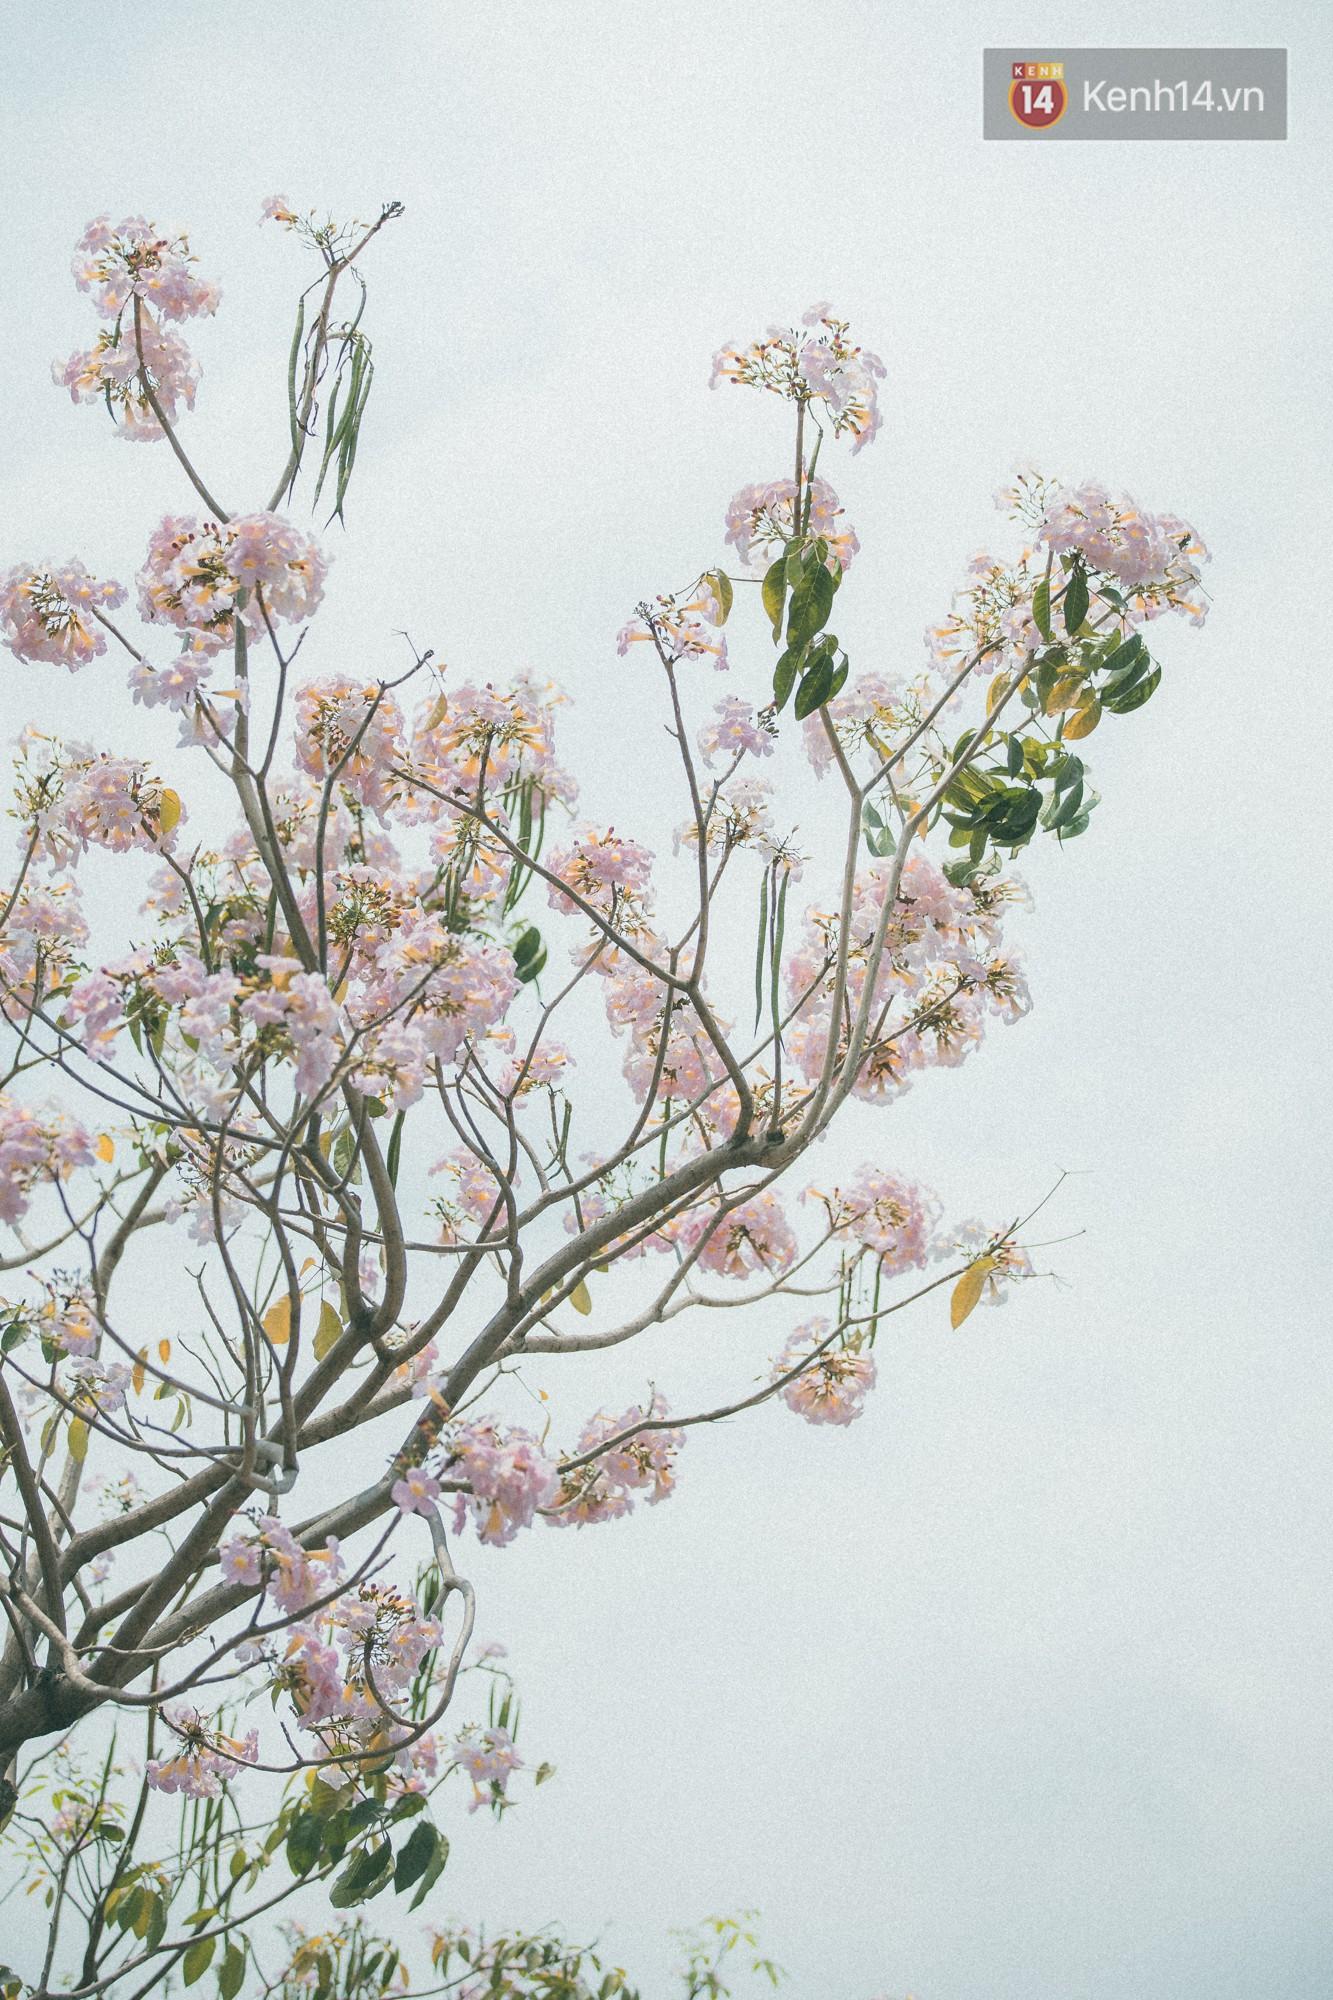 Sài Gòn mùa hoa kèn hồng: dịu dàng và dễ thương đến lạ! - Ảnh 10.